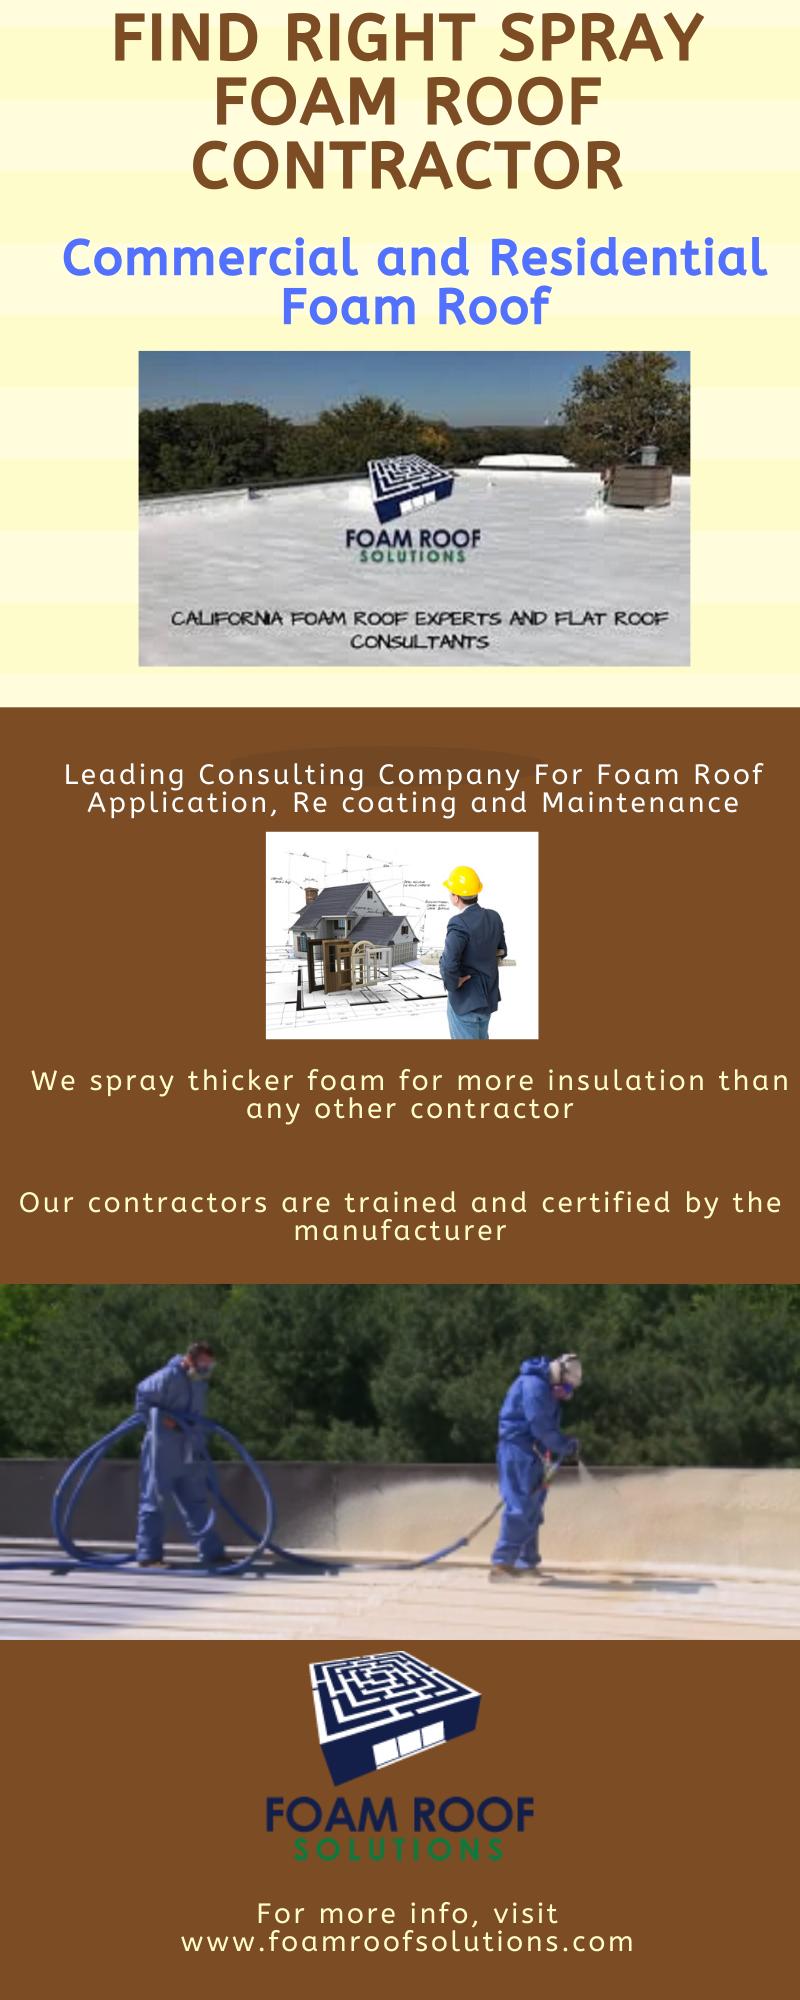 Find Right Spray Foam Roof Contractor In 2020 Foam